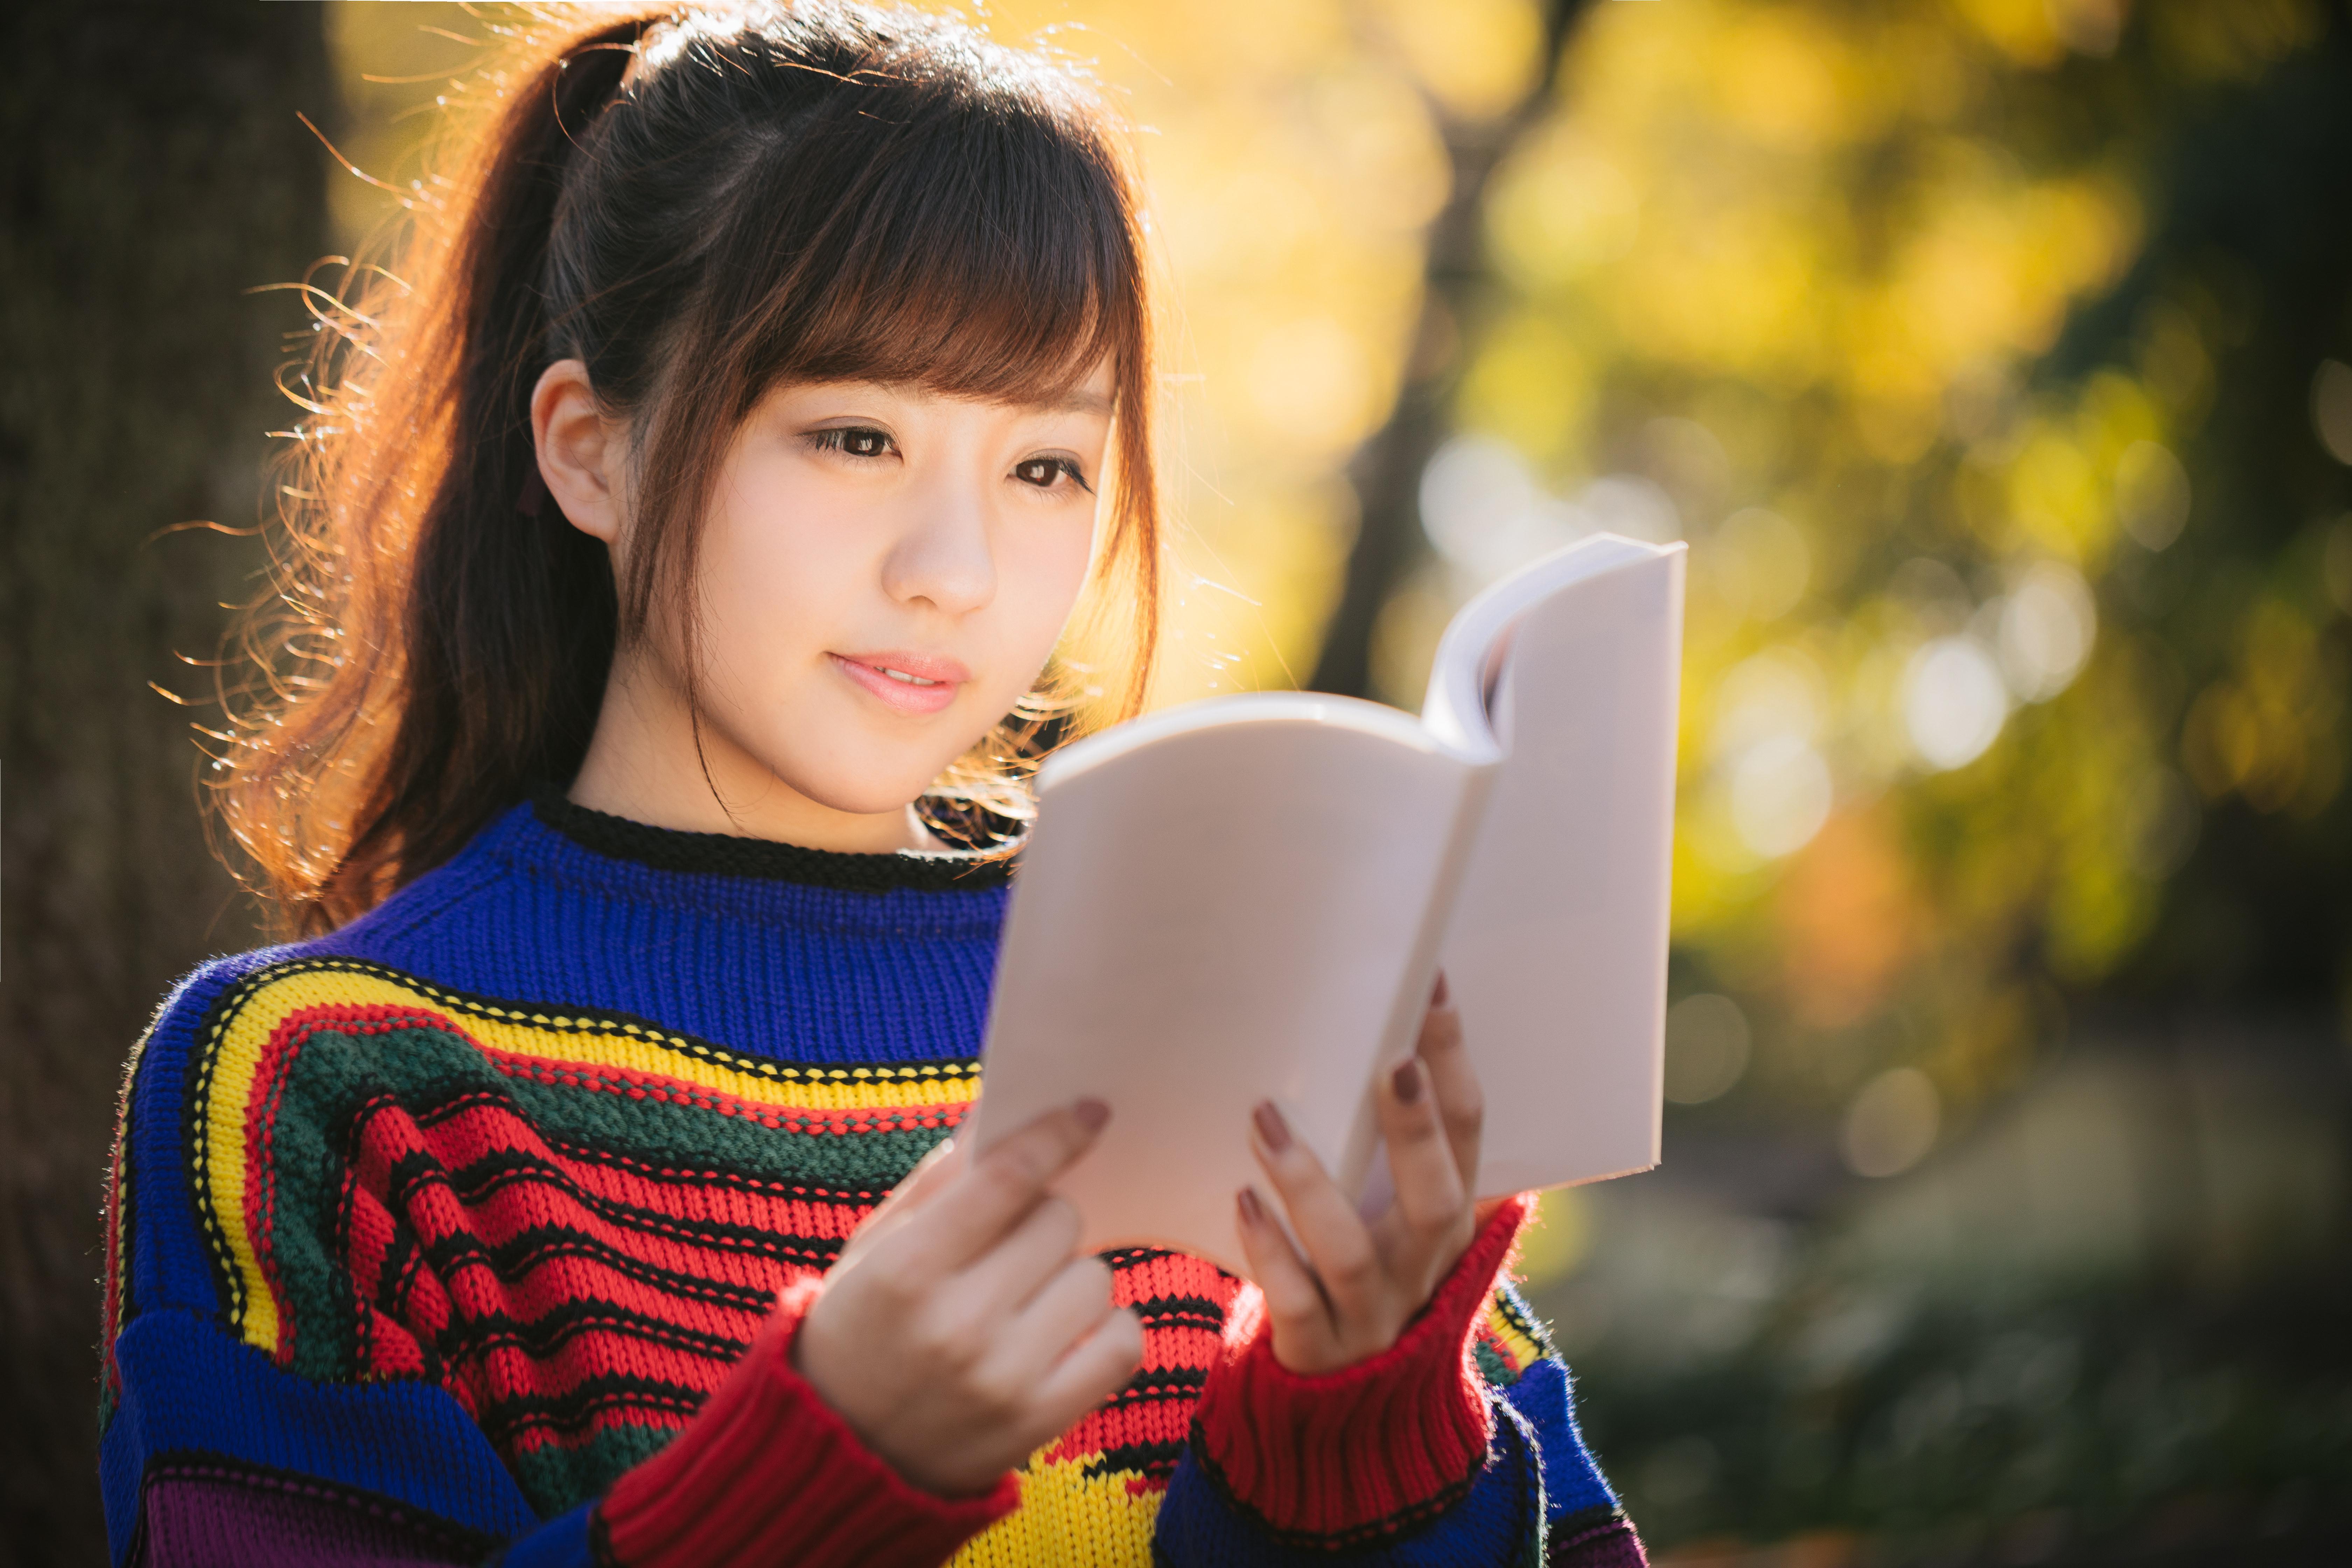 www-pakutaso-com-shared-img-thumb-yuka9v9a8531